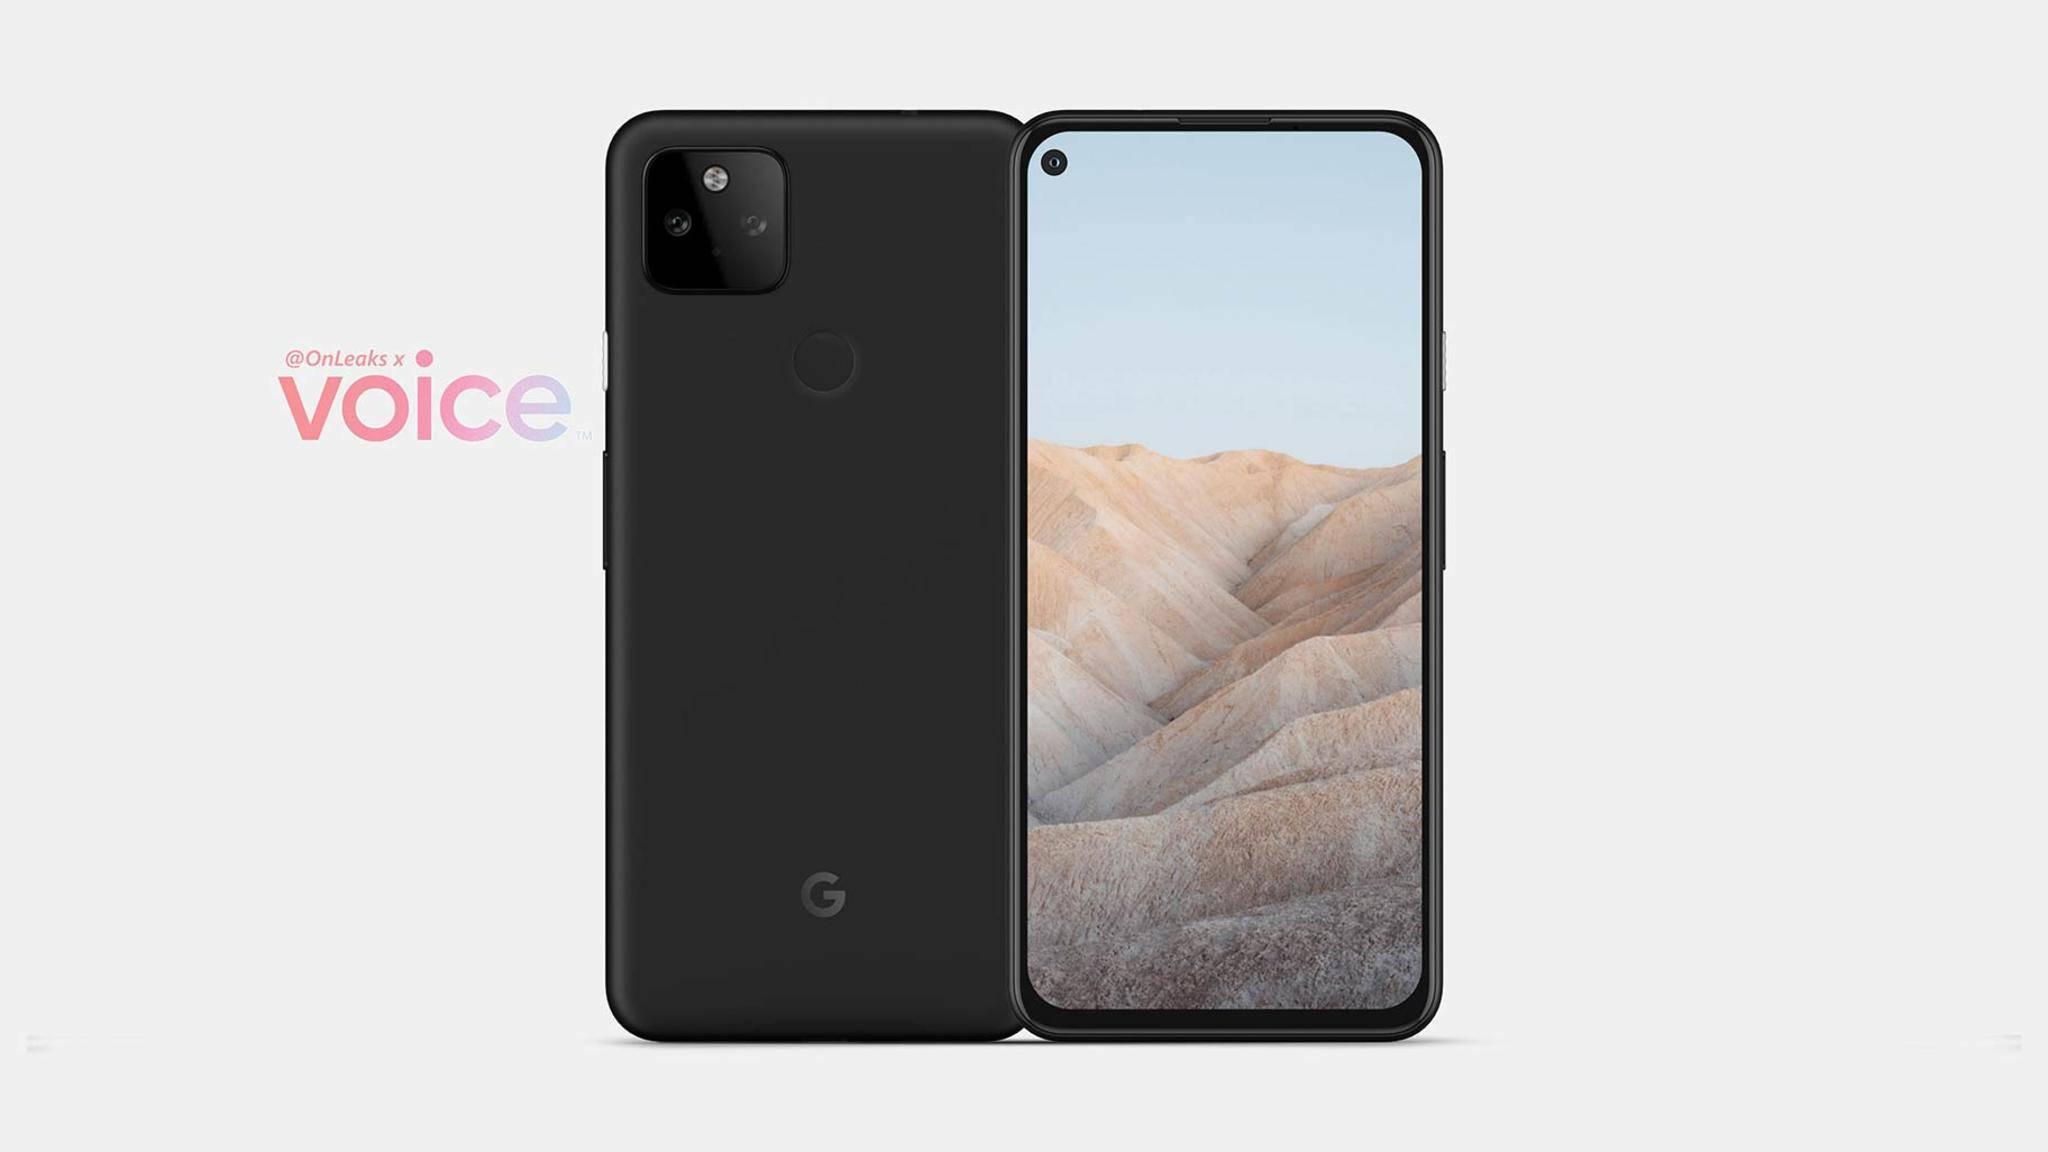 Sieht aus wie das Pixel 4a 5G, soll aber das neue Pixel 5a sein.